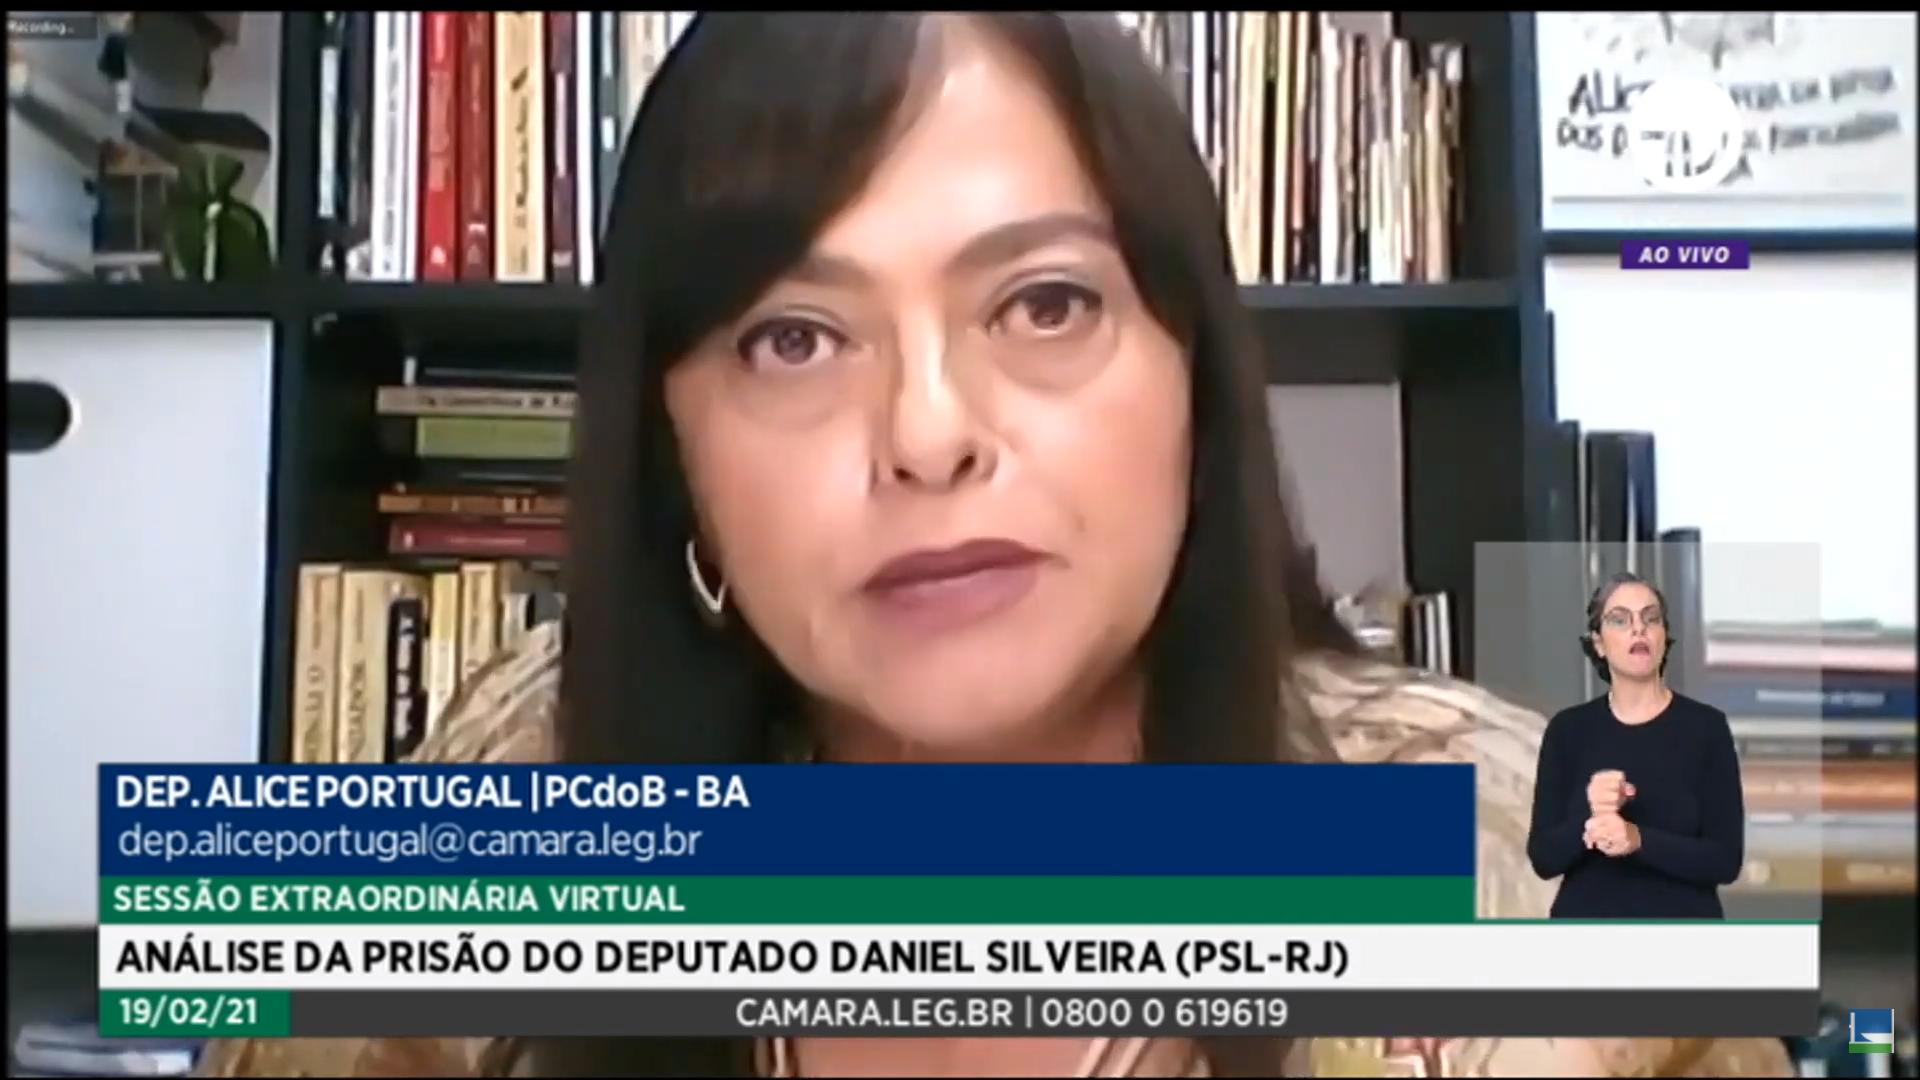 IMAGEM: Alice Portugal defende prisão de Daniel Silveira